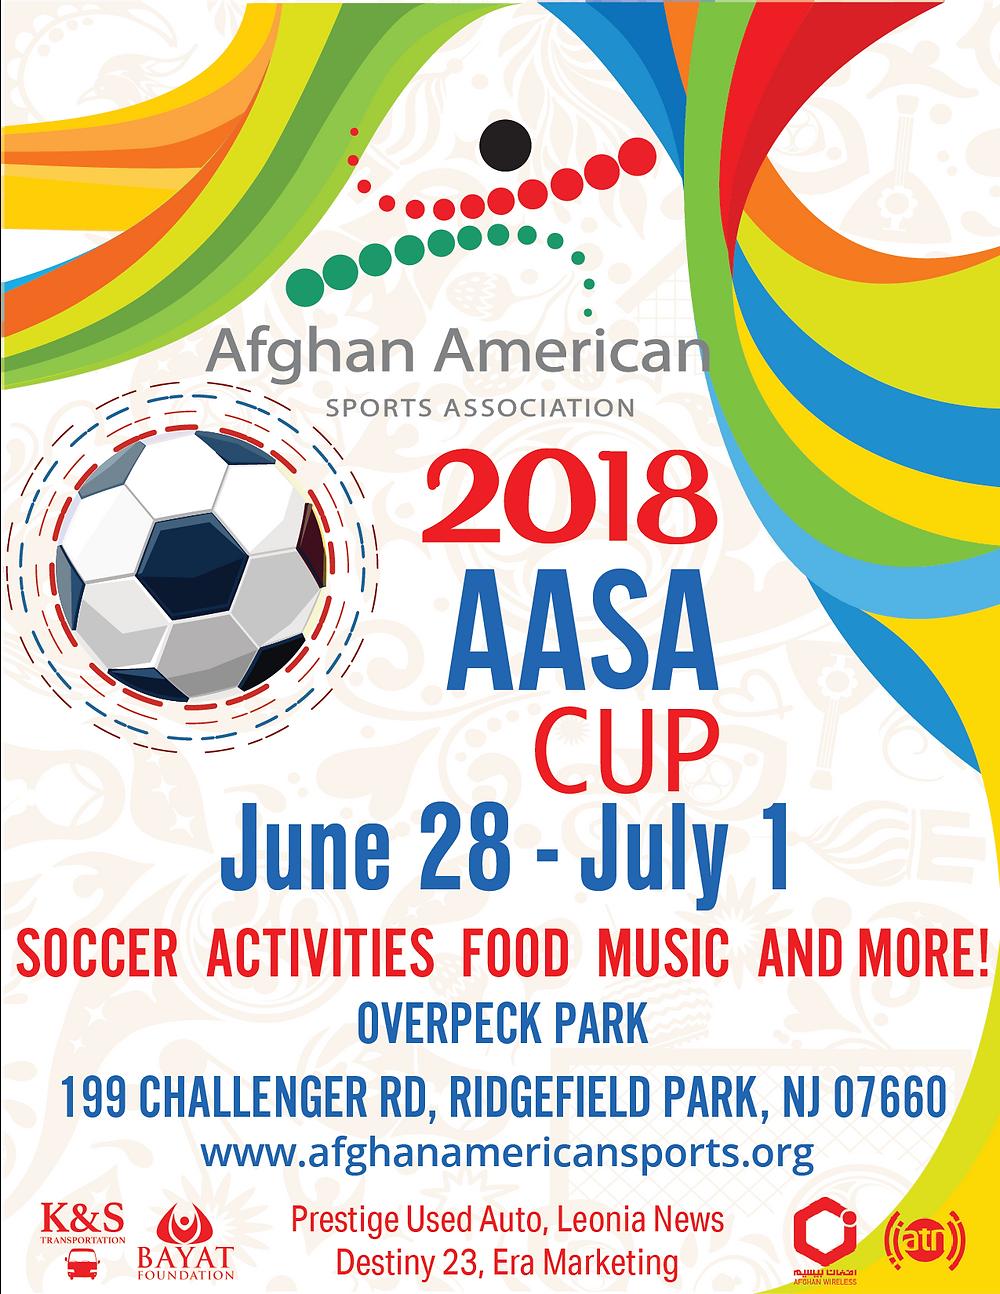 AASA Cup